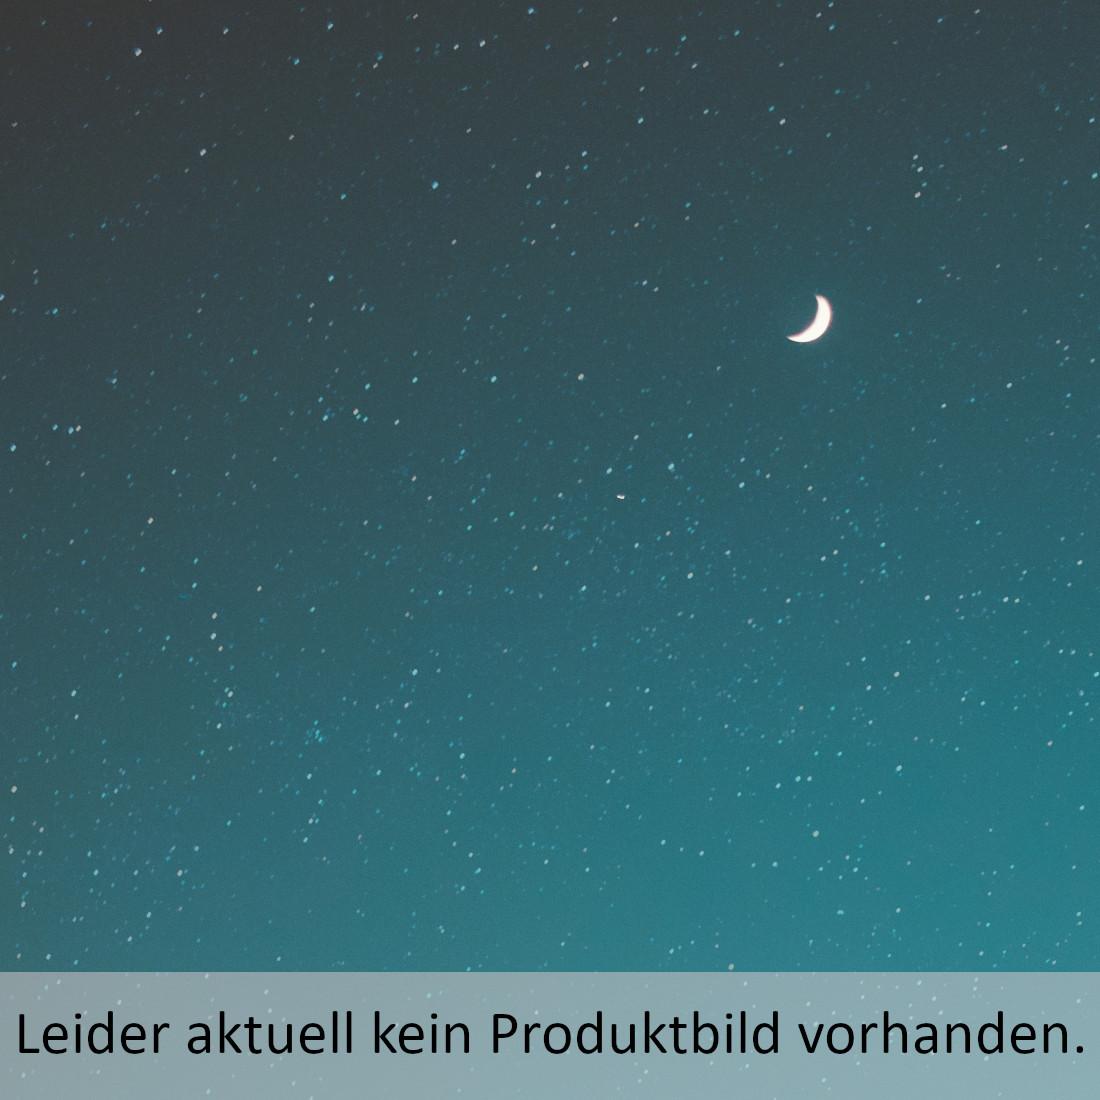 Angewandte Verhältnisse Schulz, Kristin 9783947215638